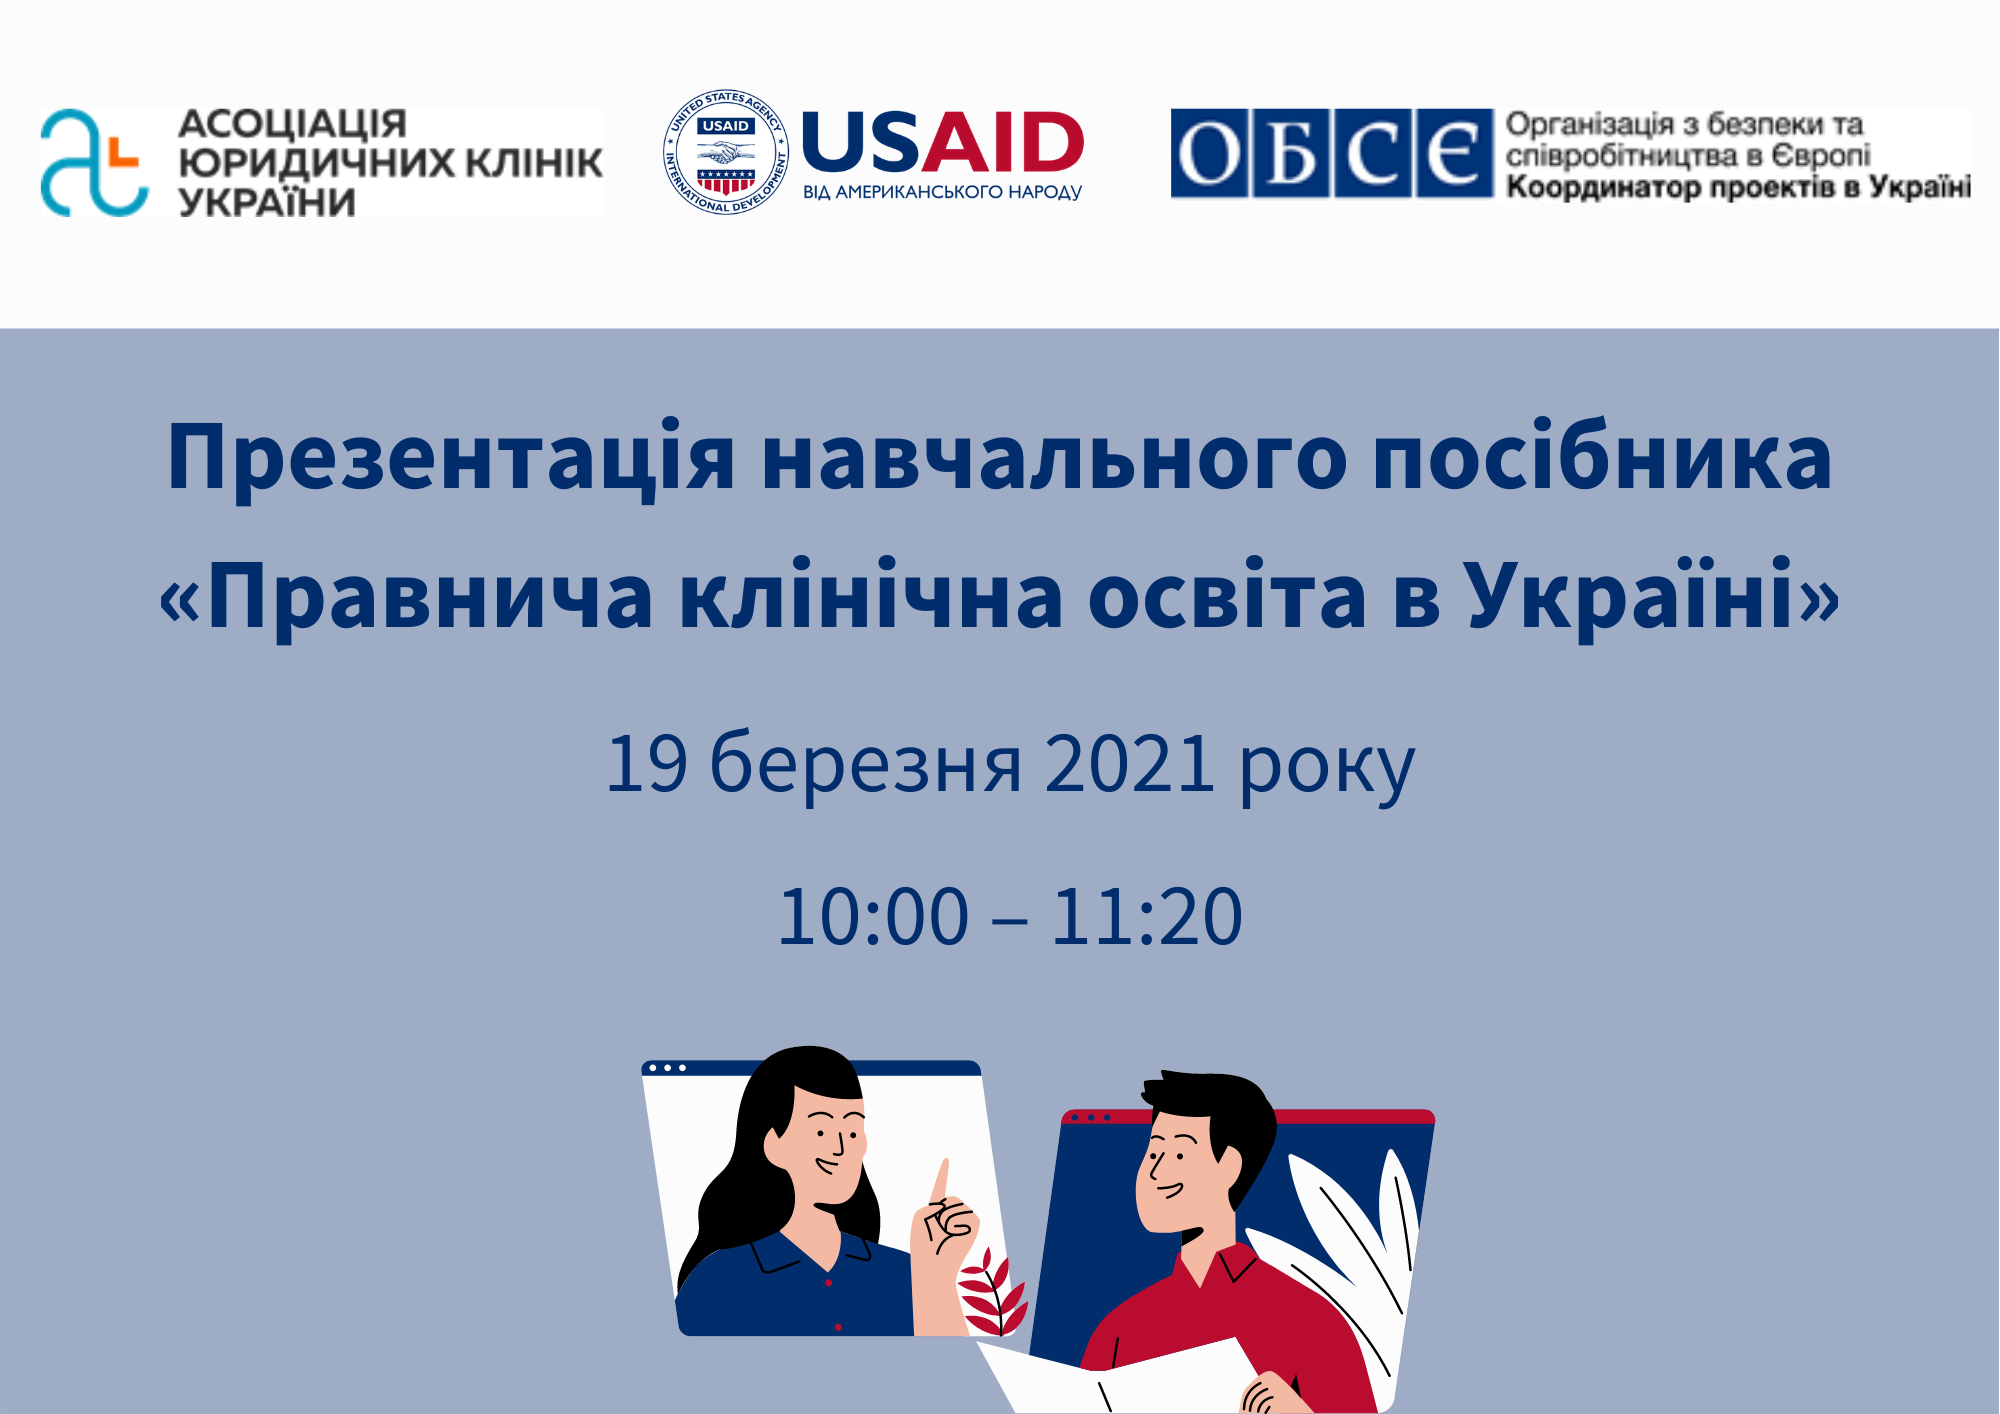 Презентація навчального посібника «Правнича клінічна освіта в Україні»